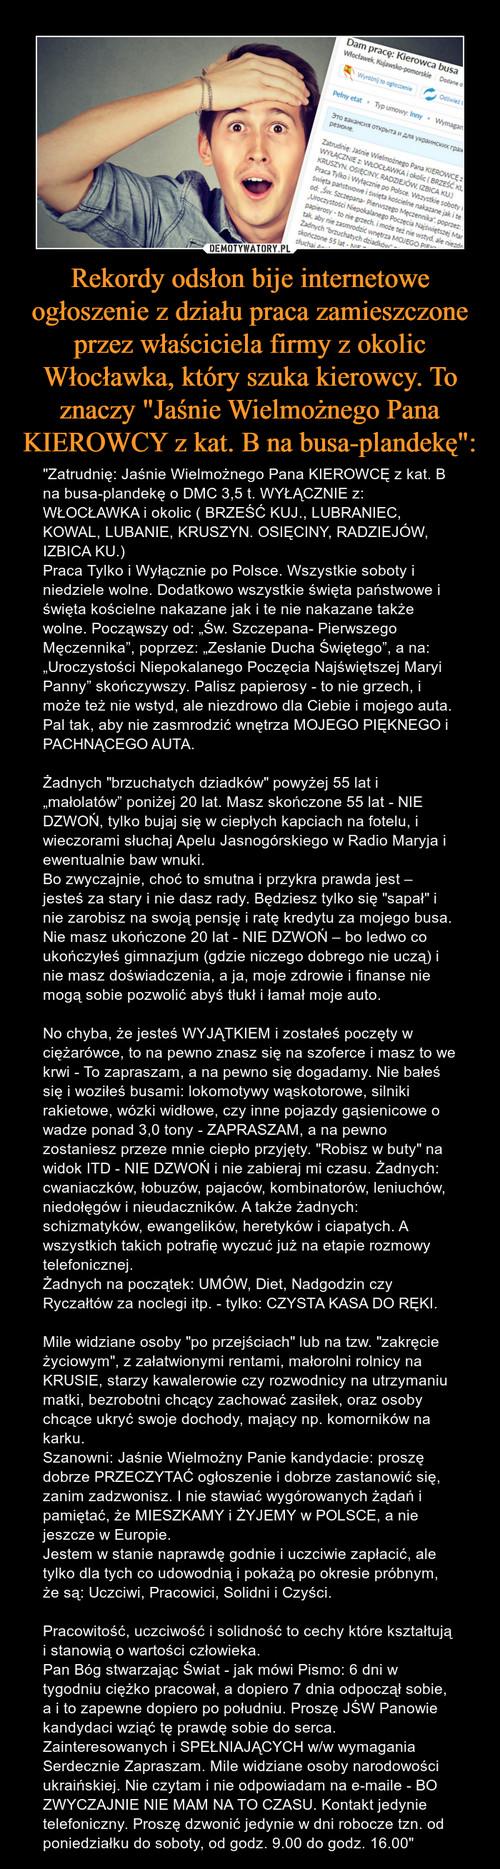 """Rekordy odsłon bije internetowe ogłoszenie z działu praca zamieszczone przez właściciela firmy z okolic Włocławka, który szuka kierowcy. To znaczy """"Jaśnie Wielmożnego Pana KIEROWCY z kat. B na busa-plandekę"""":"""